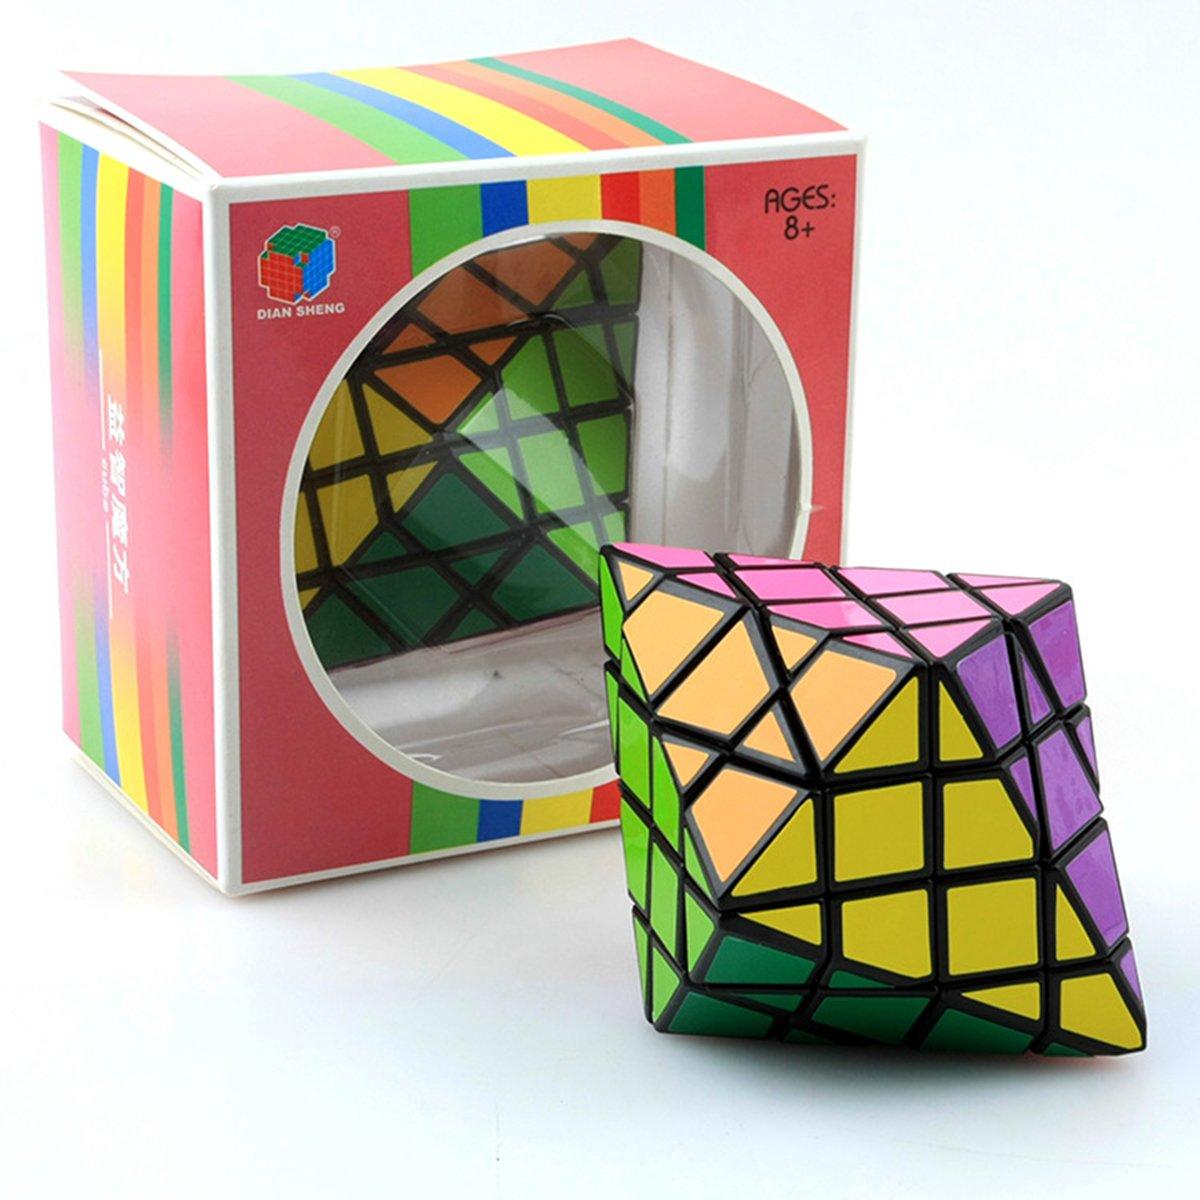 Diansheng cara girando octaedro, 7x7x7cm EasyGame